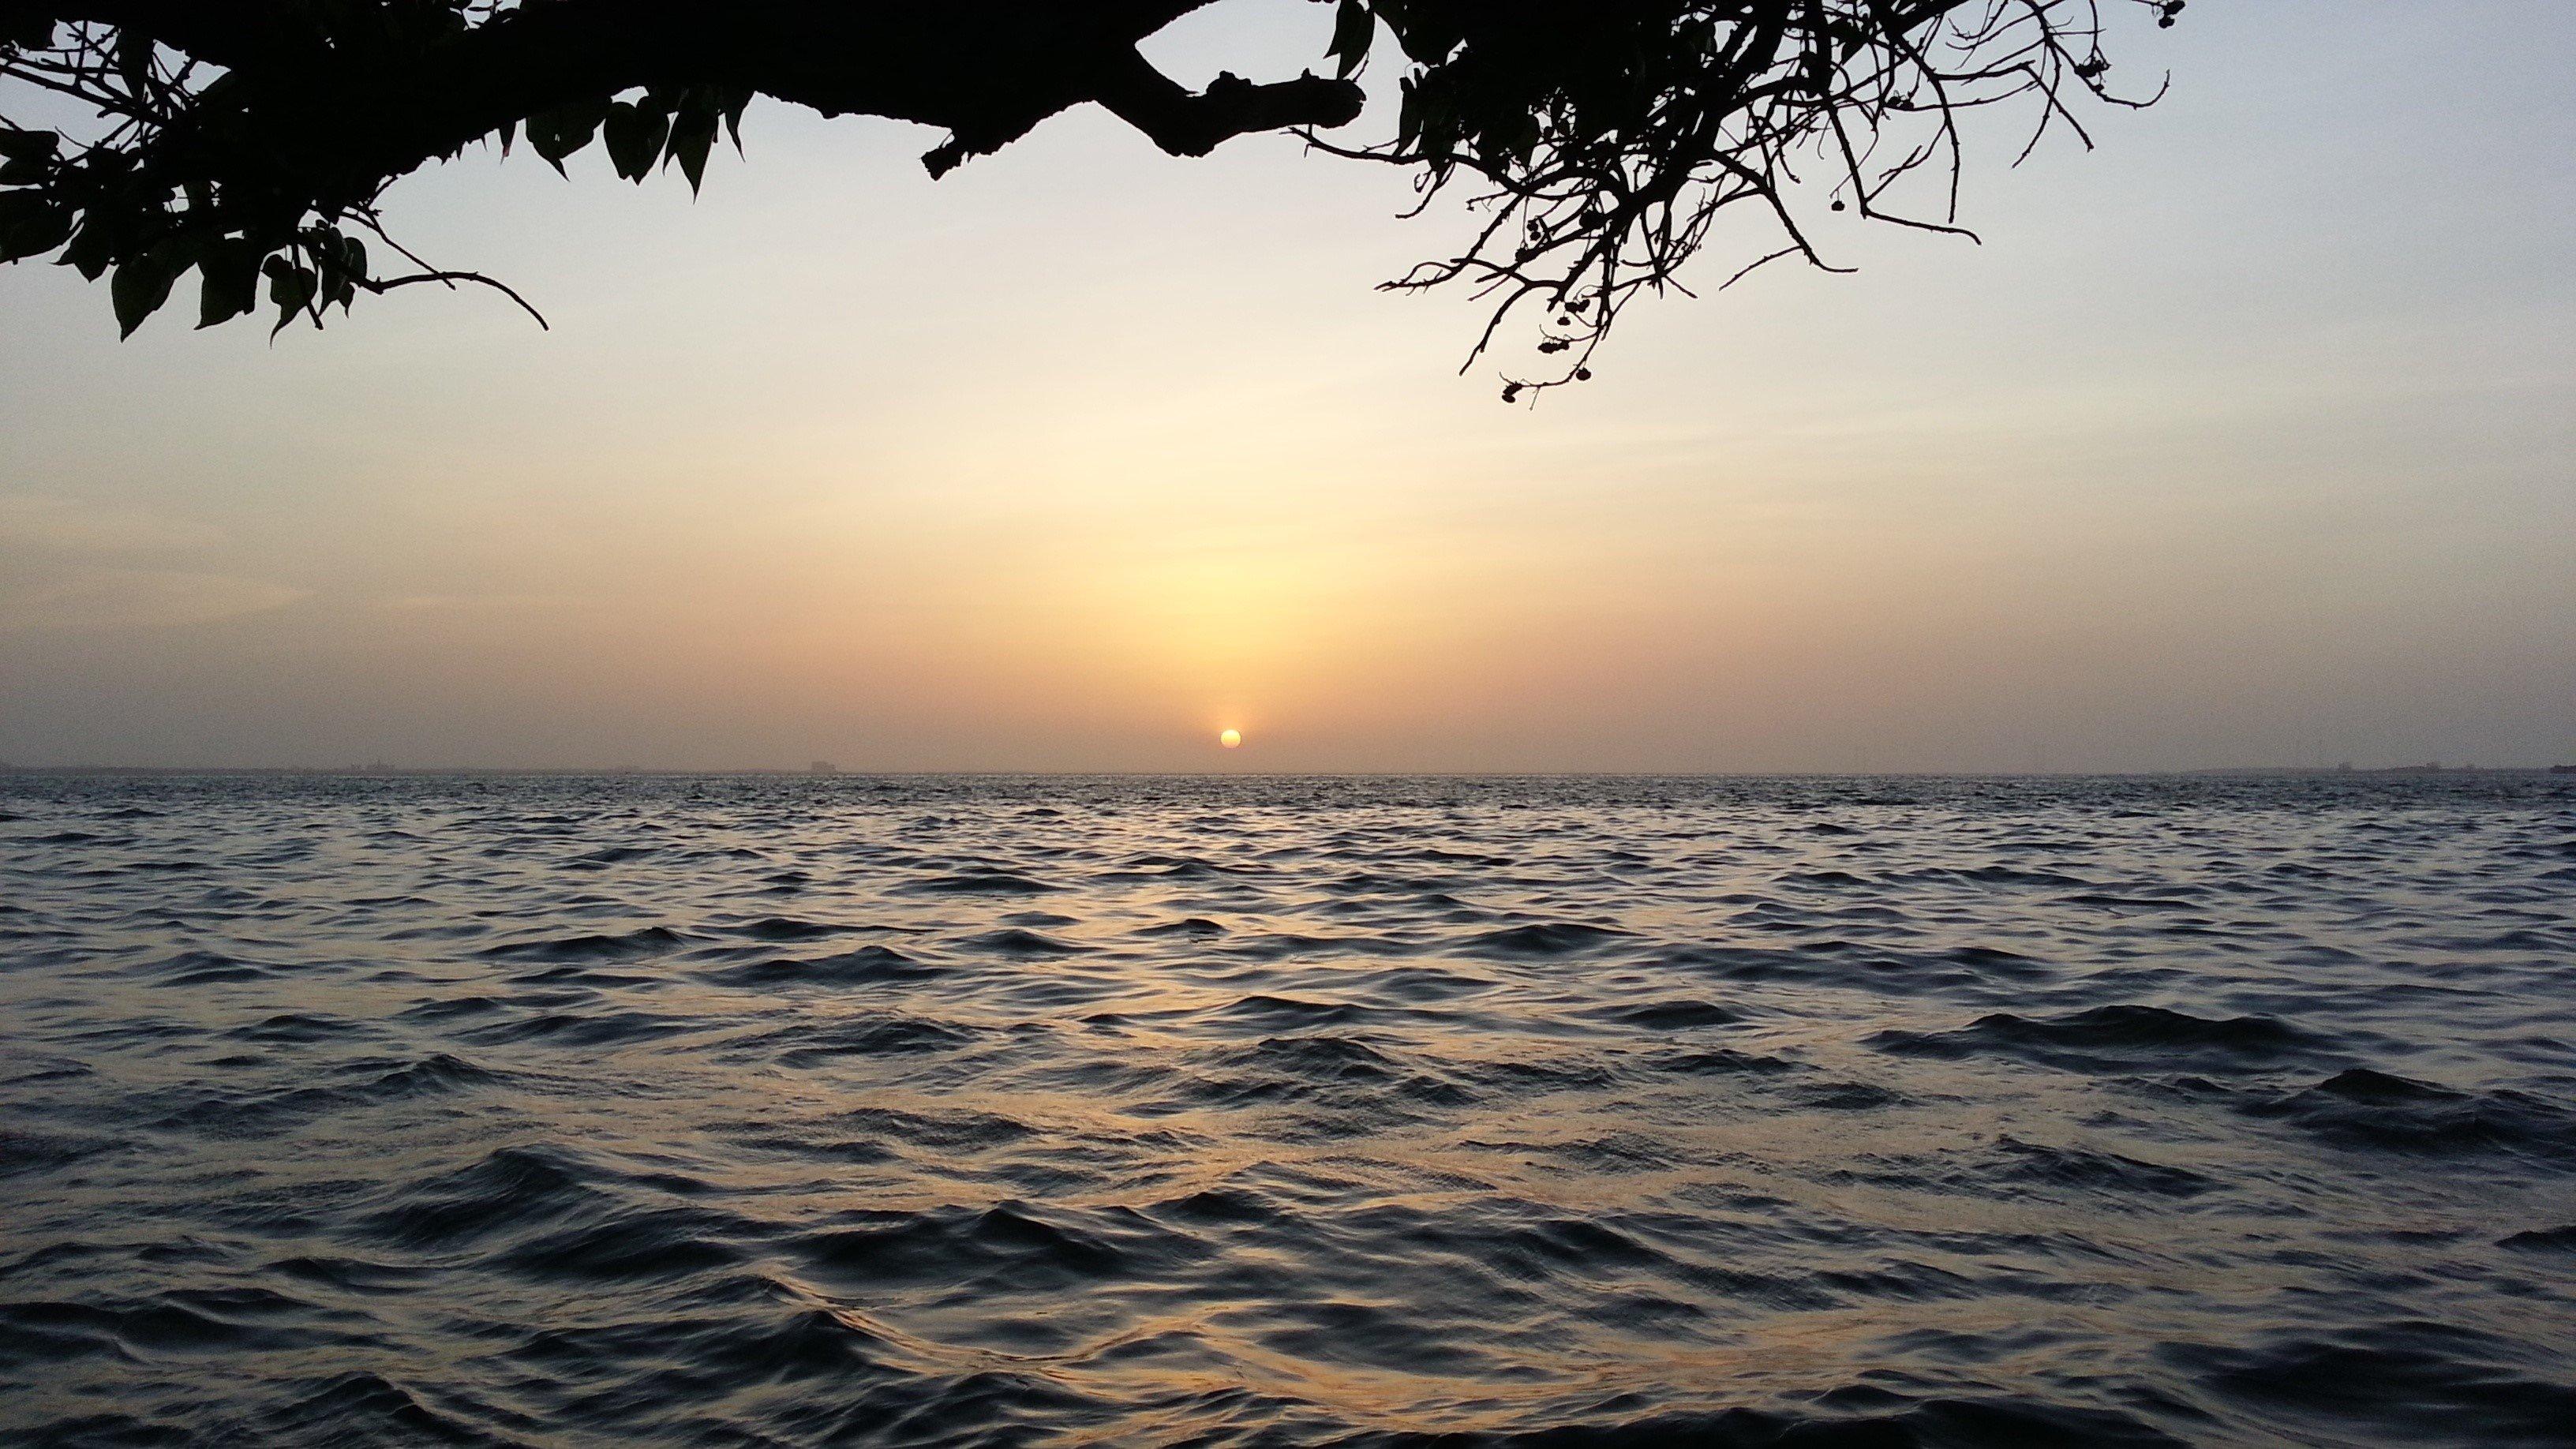 Fondo de pantalla de Lago de Maracaibo Imágenes